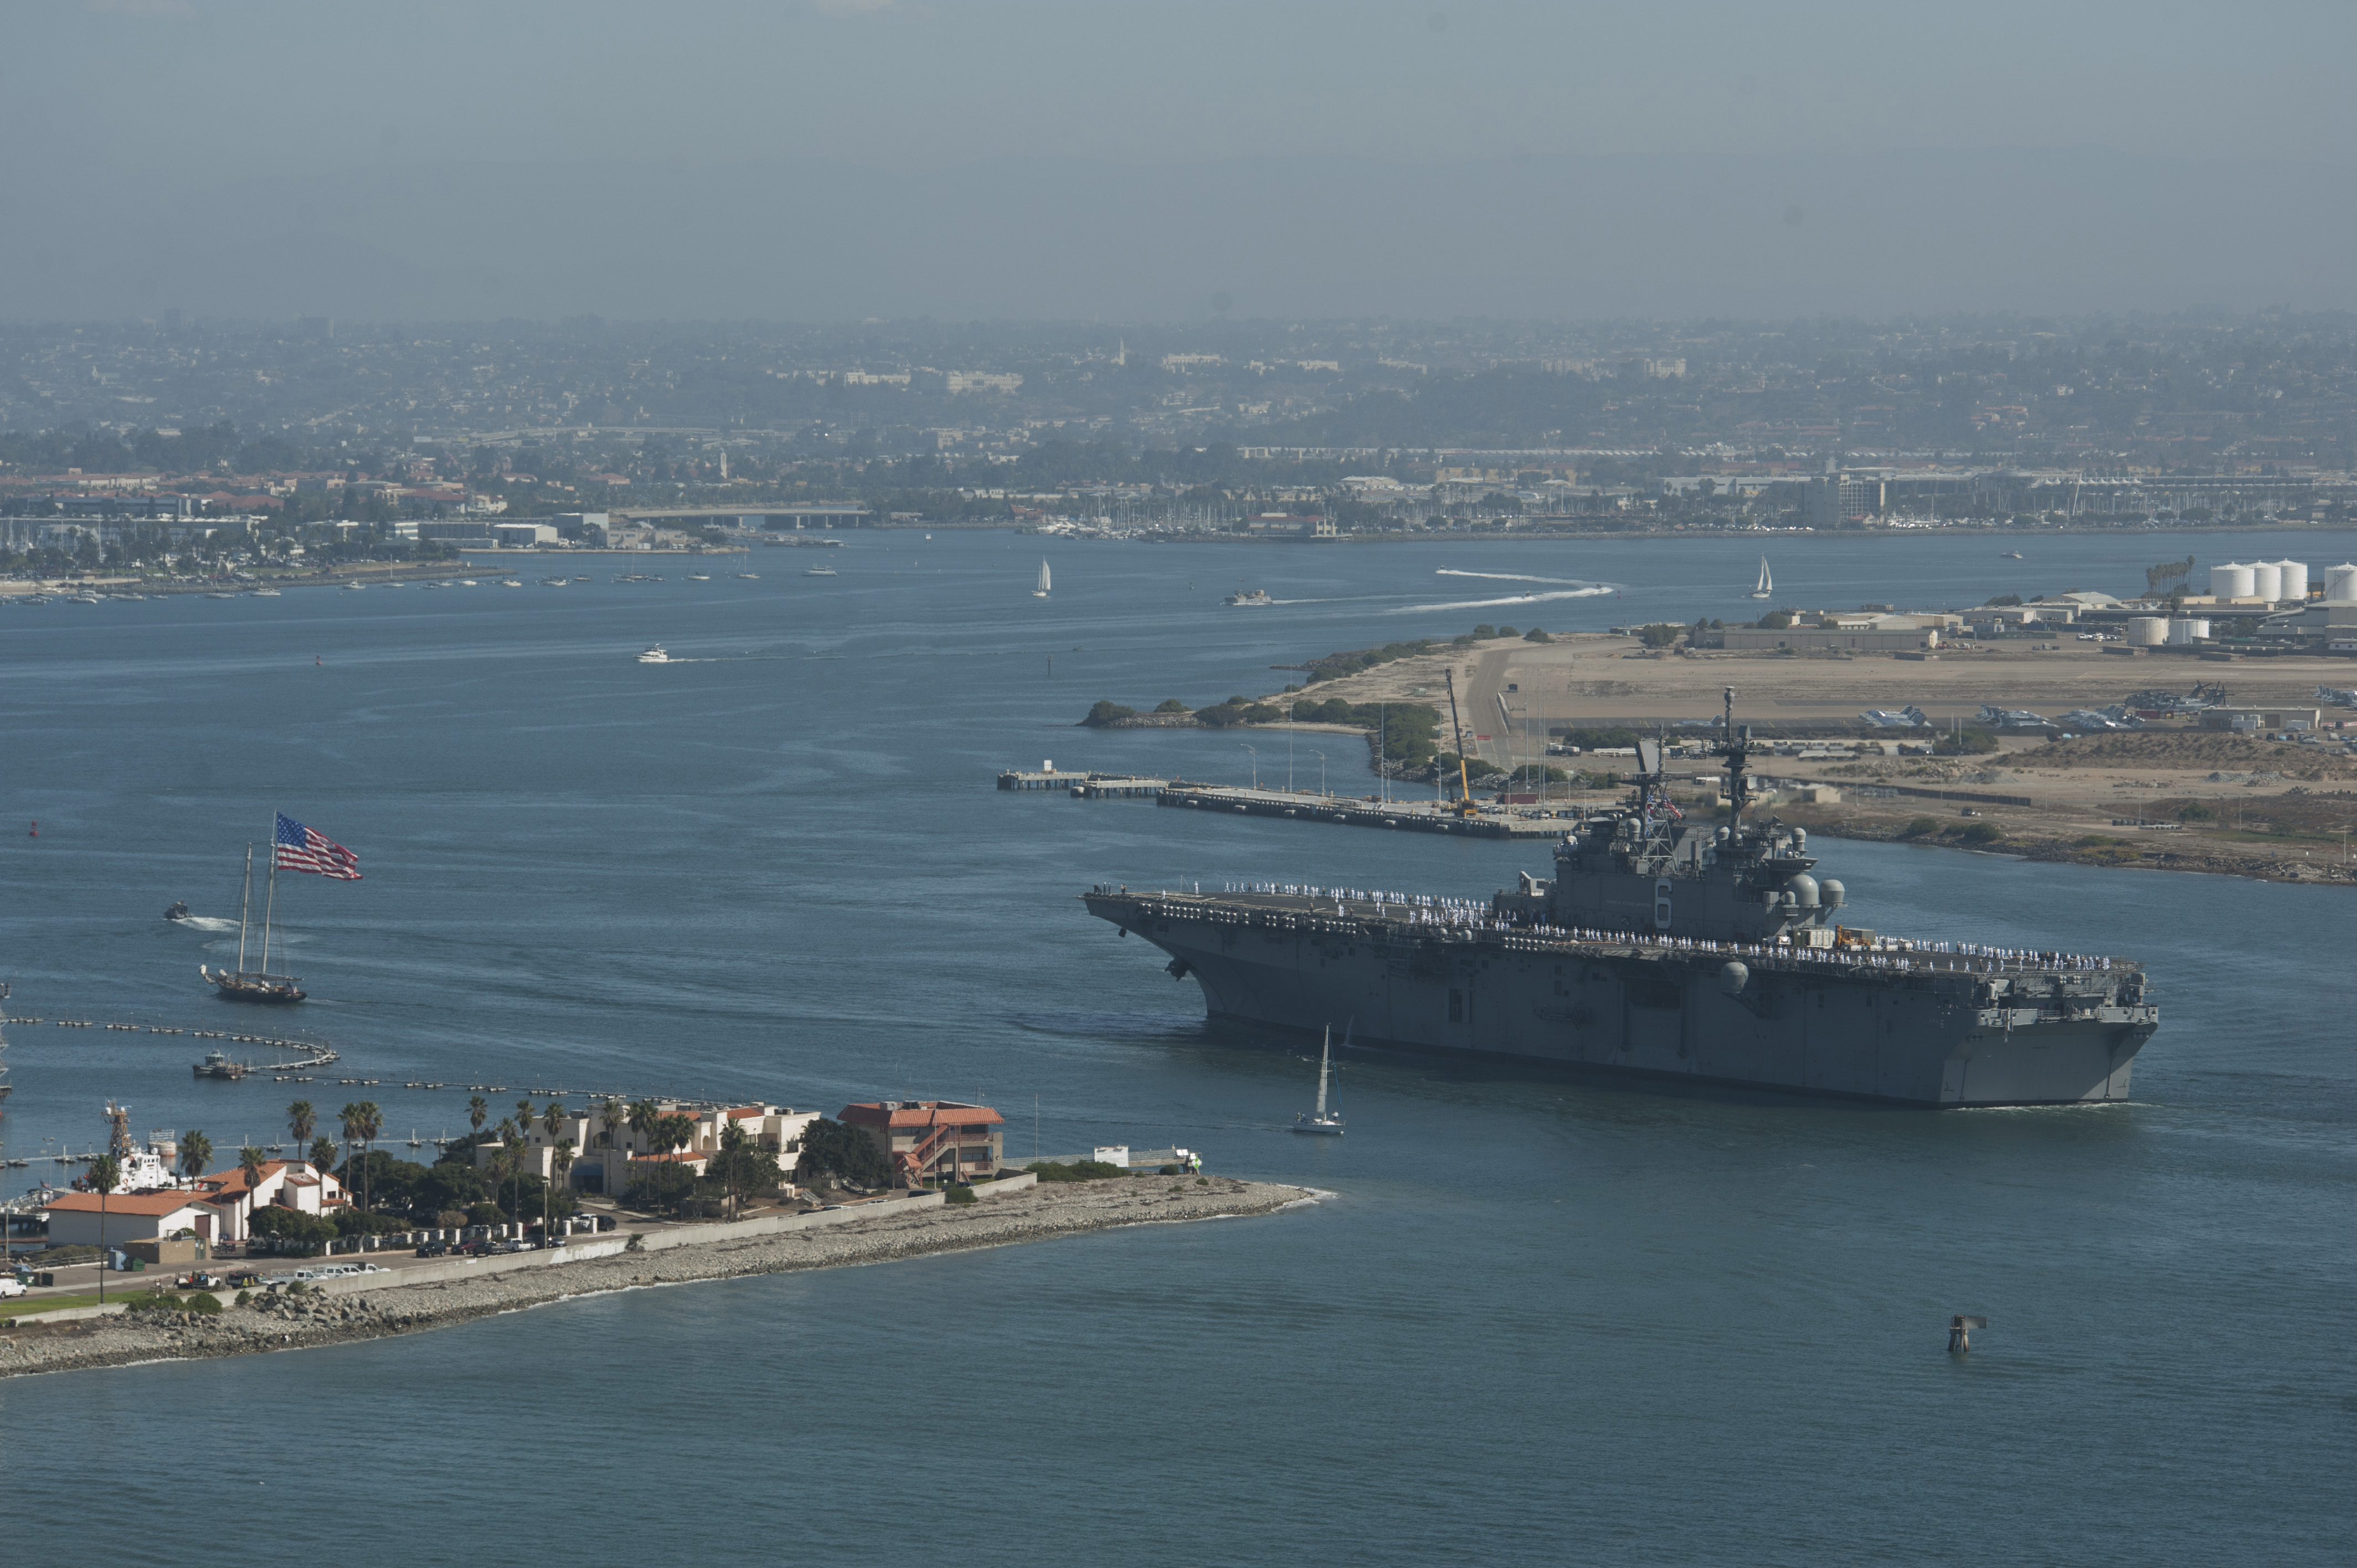 USS AMERICA LHA-6 Einlaufen San Diego am 15.09.2014 Bild: U.S. Navy